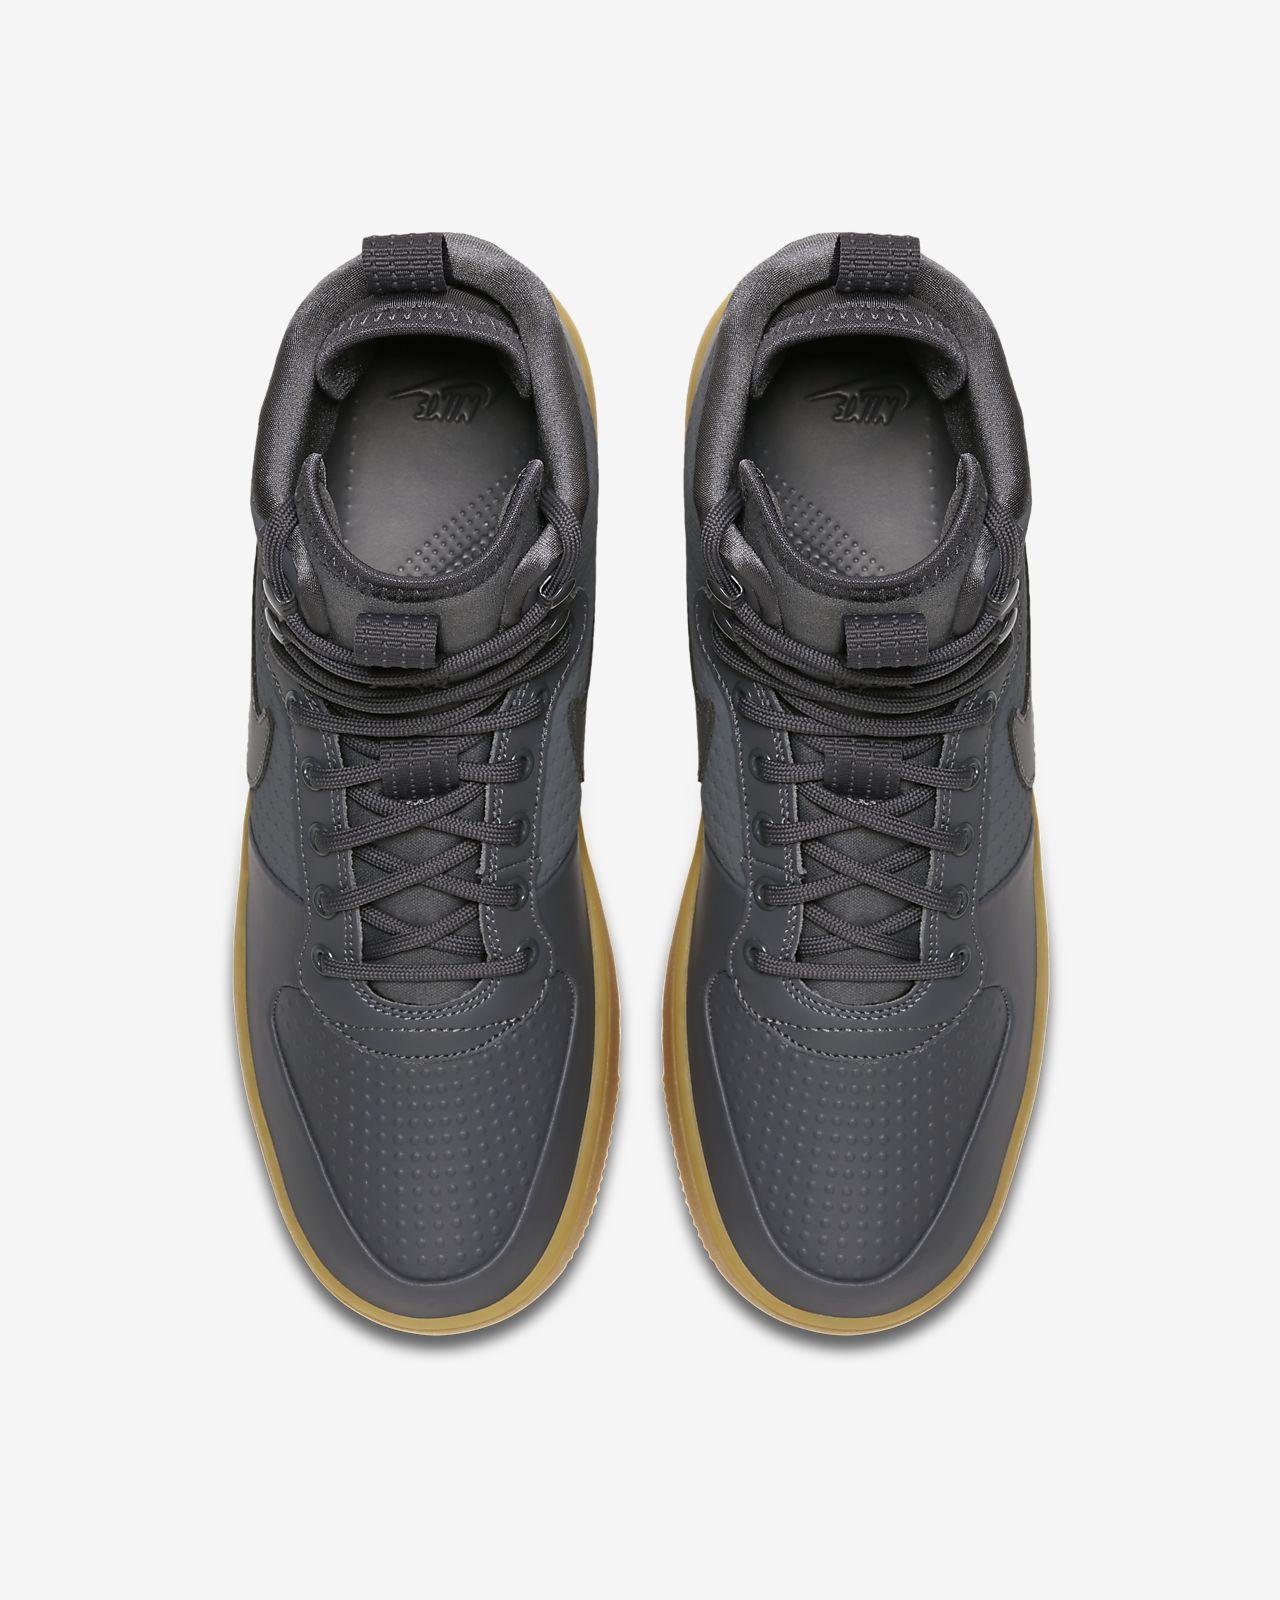 Sapatilhas Nike Court Borough Mid Winter para homem